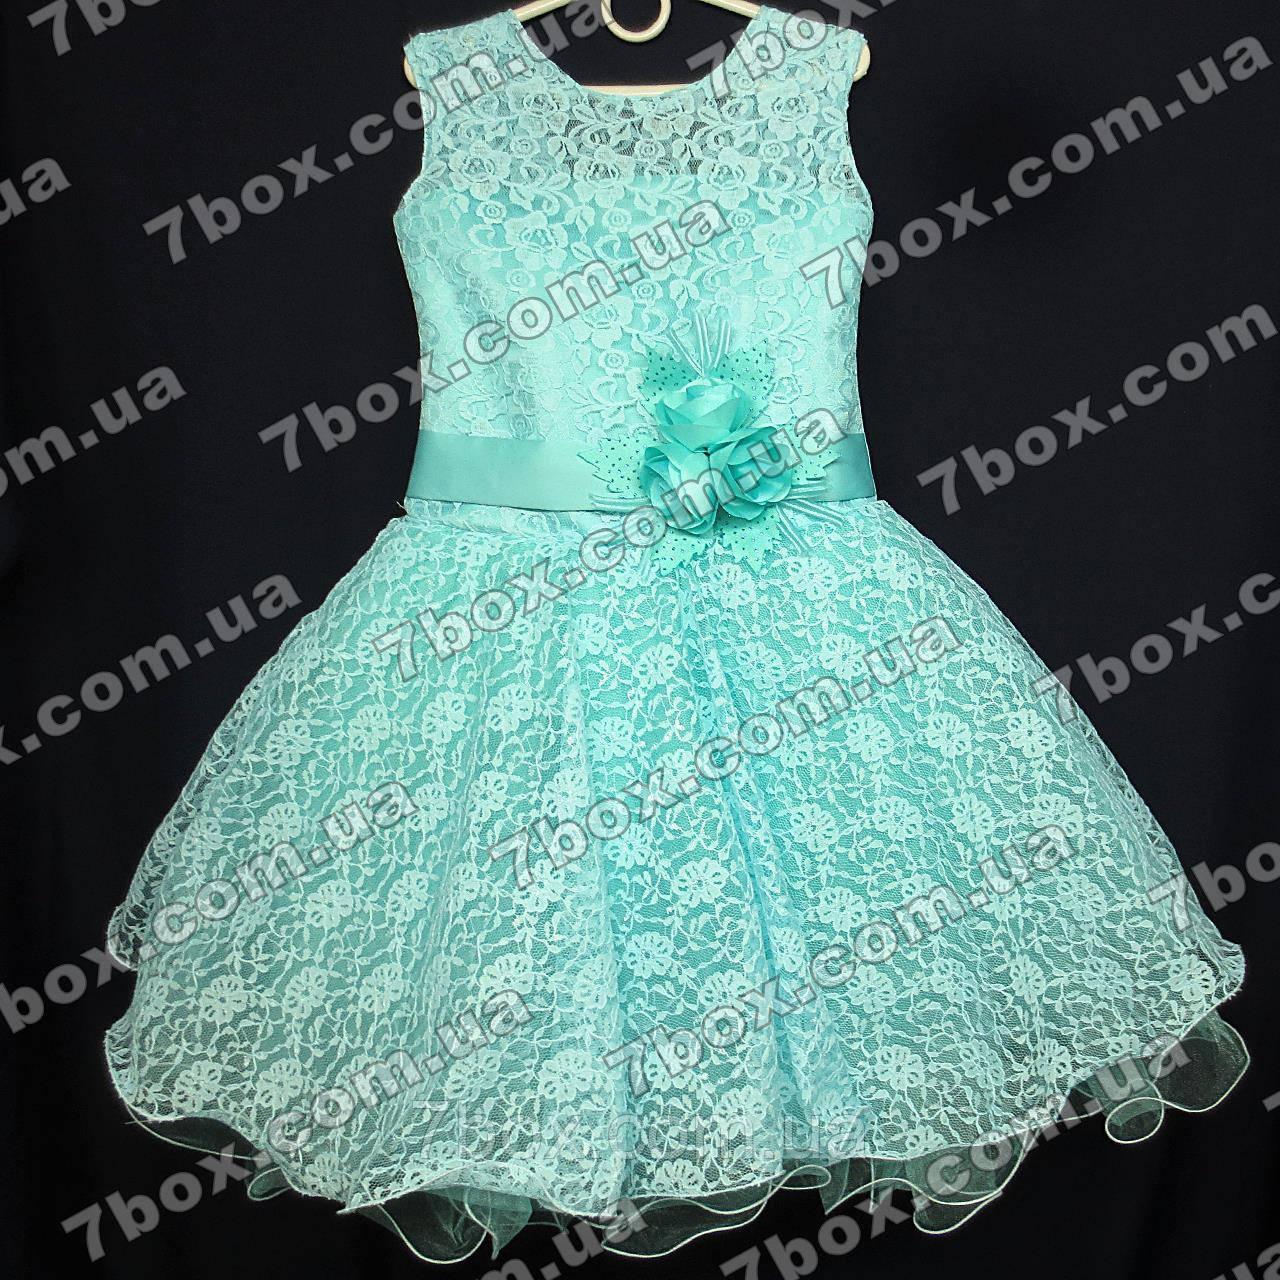 ba379d88fc2 Купить  платье бальное нарядное  в Одессе от компании